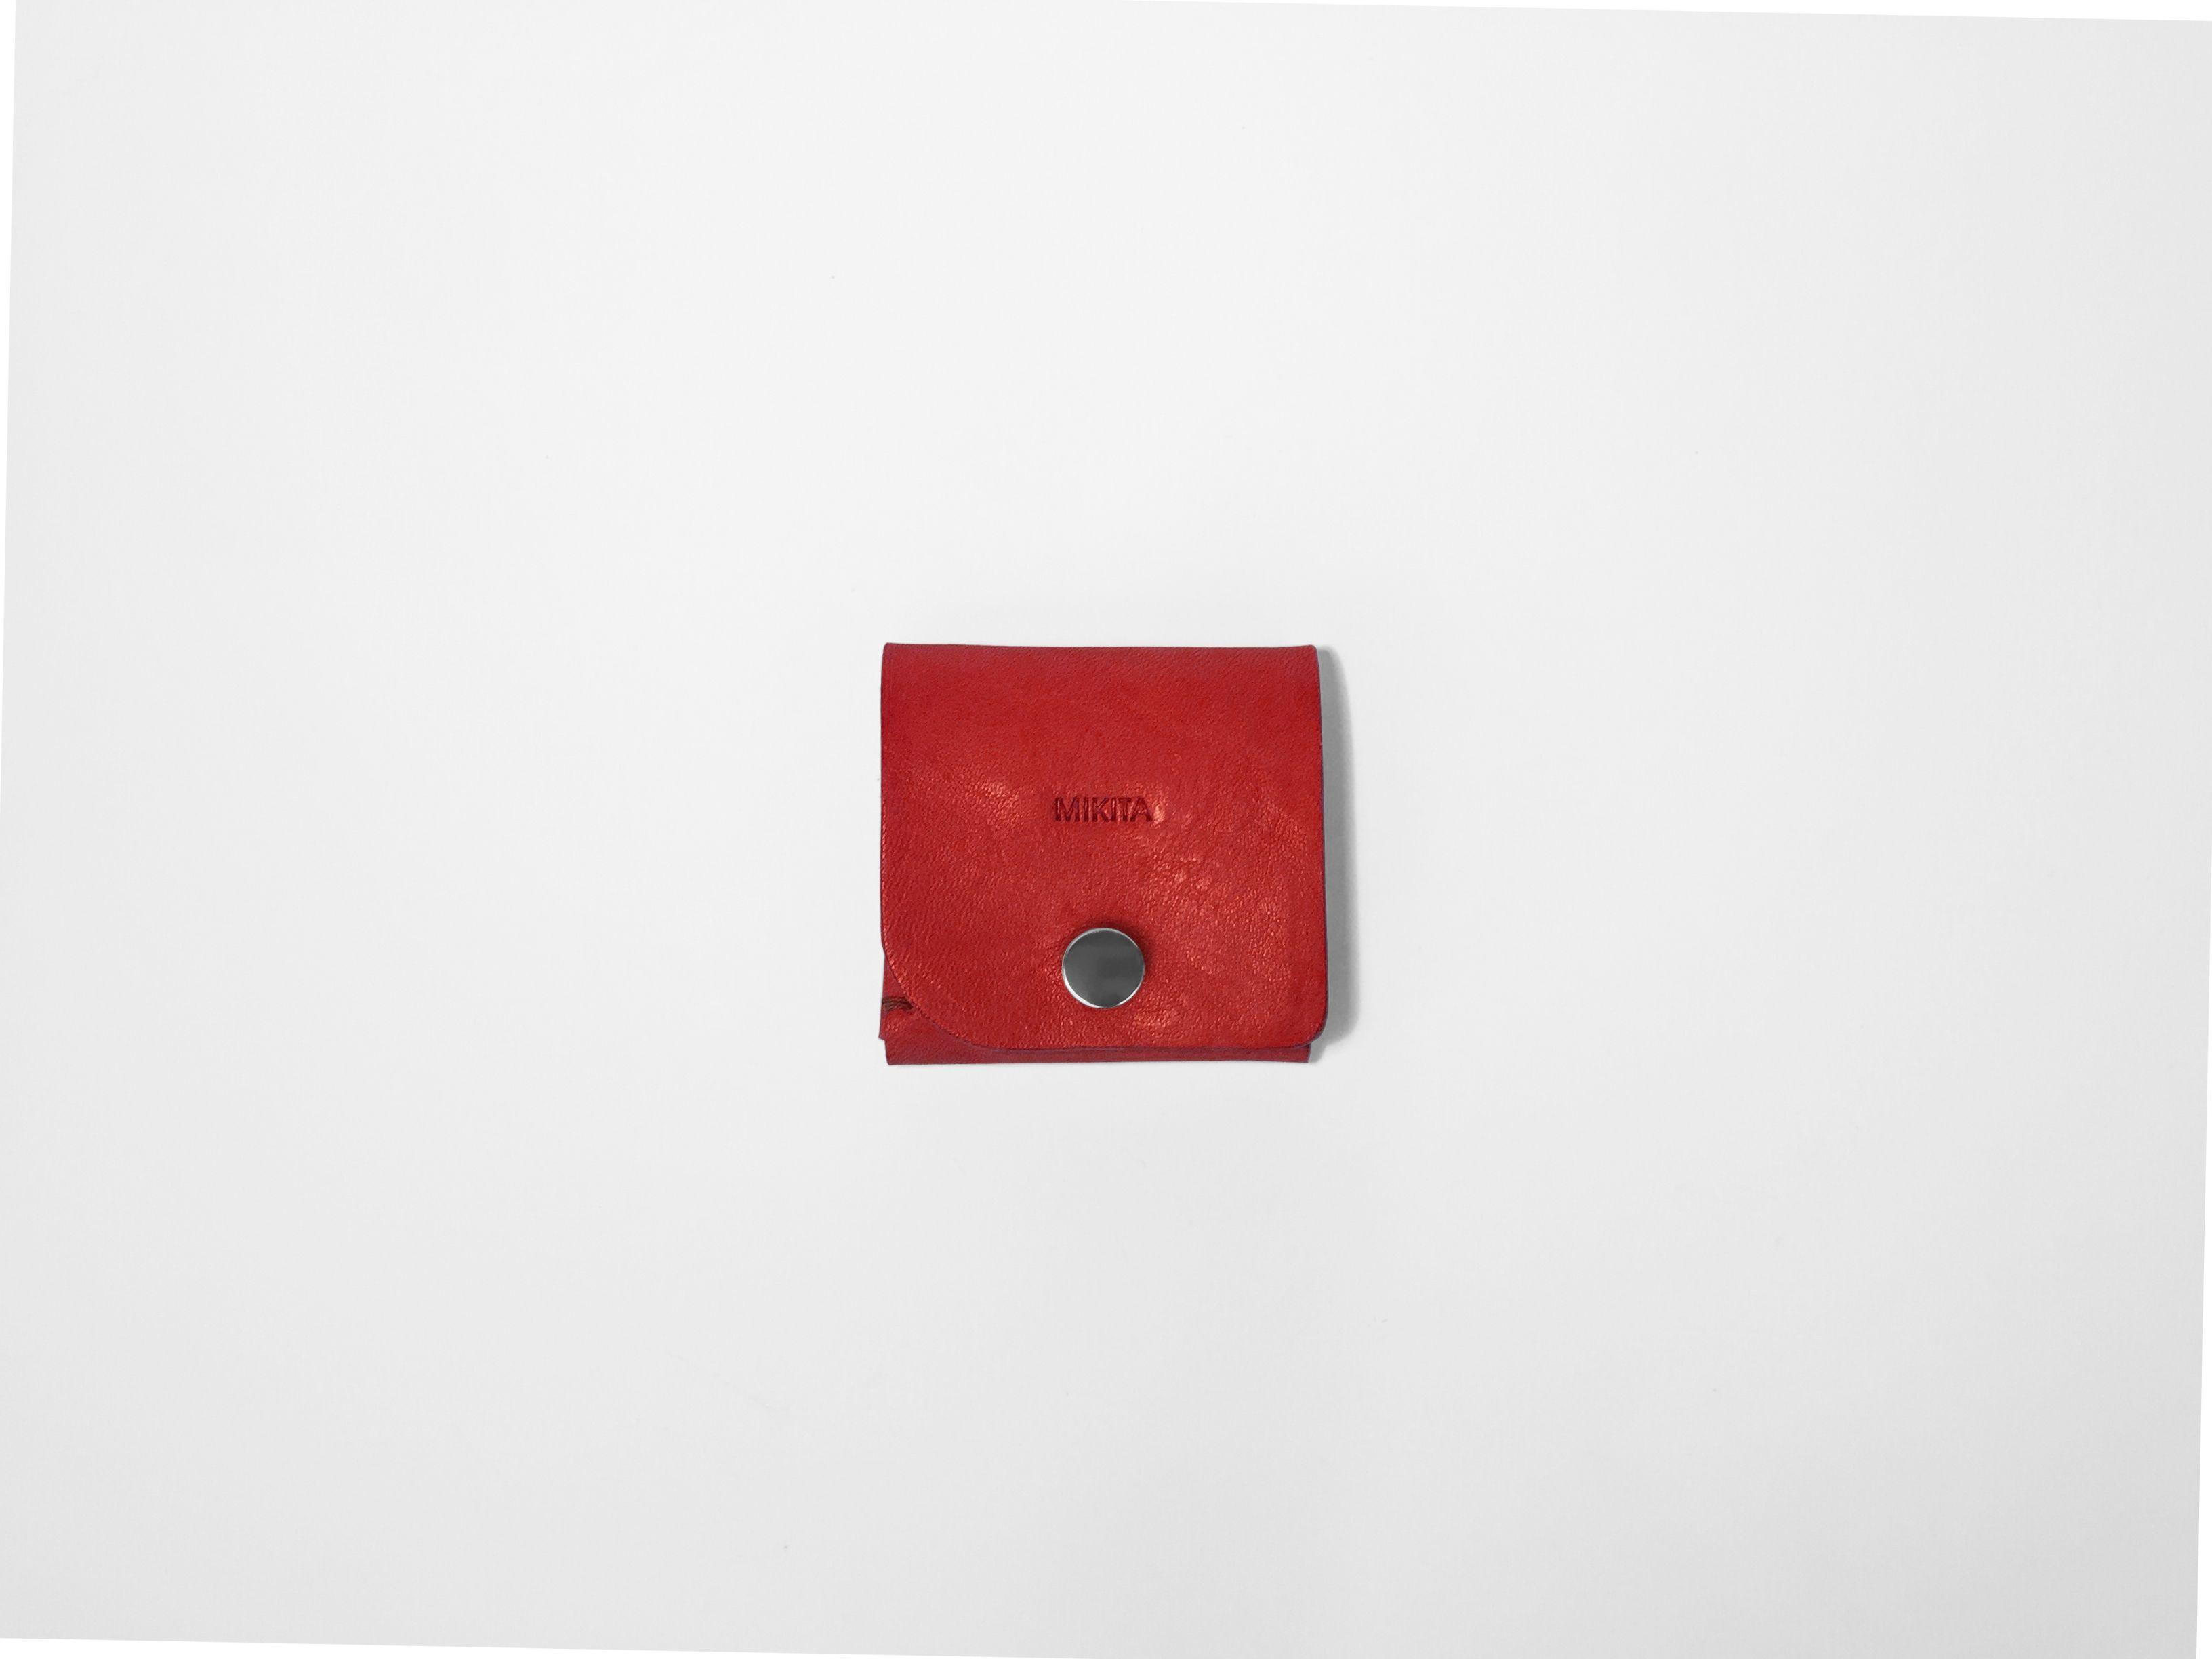 Portamonedas realizado en piel de vaqueta color rojo.